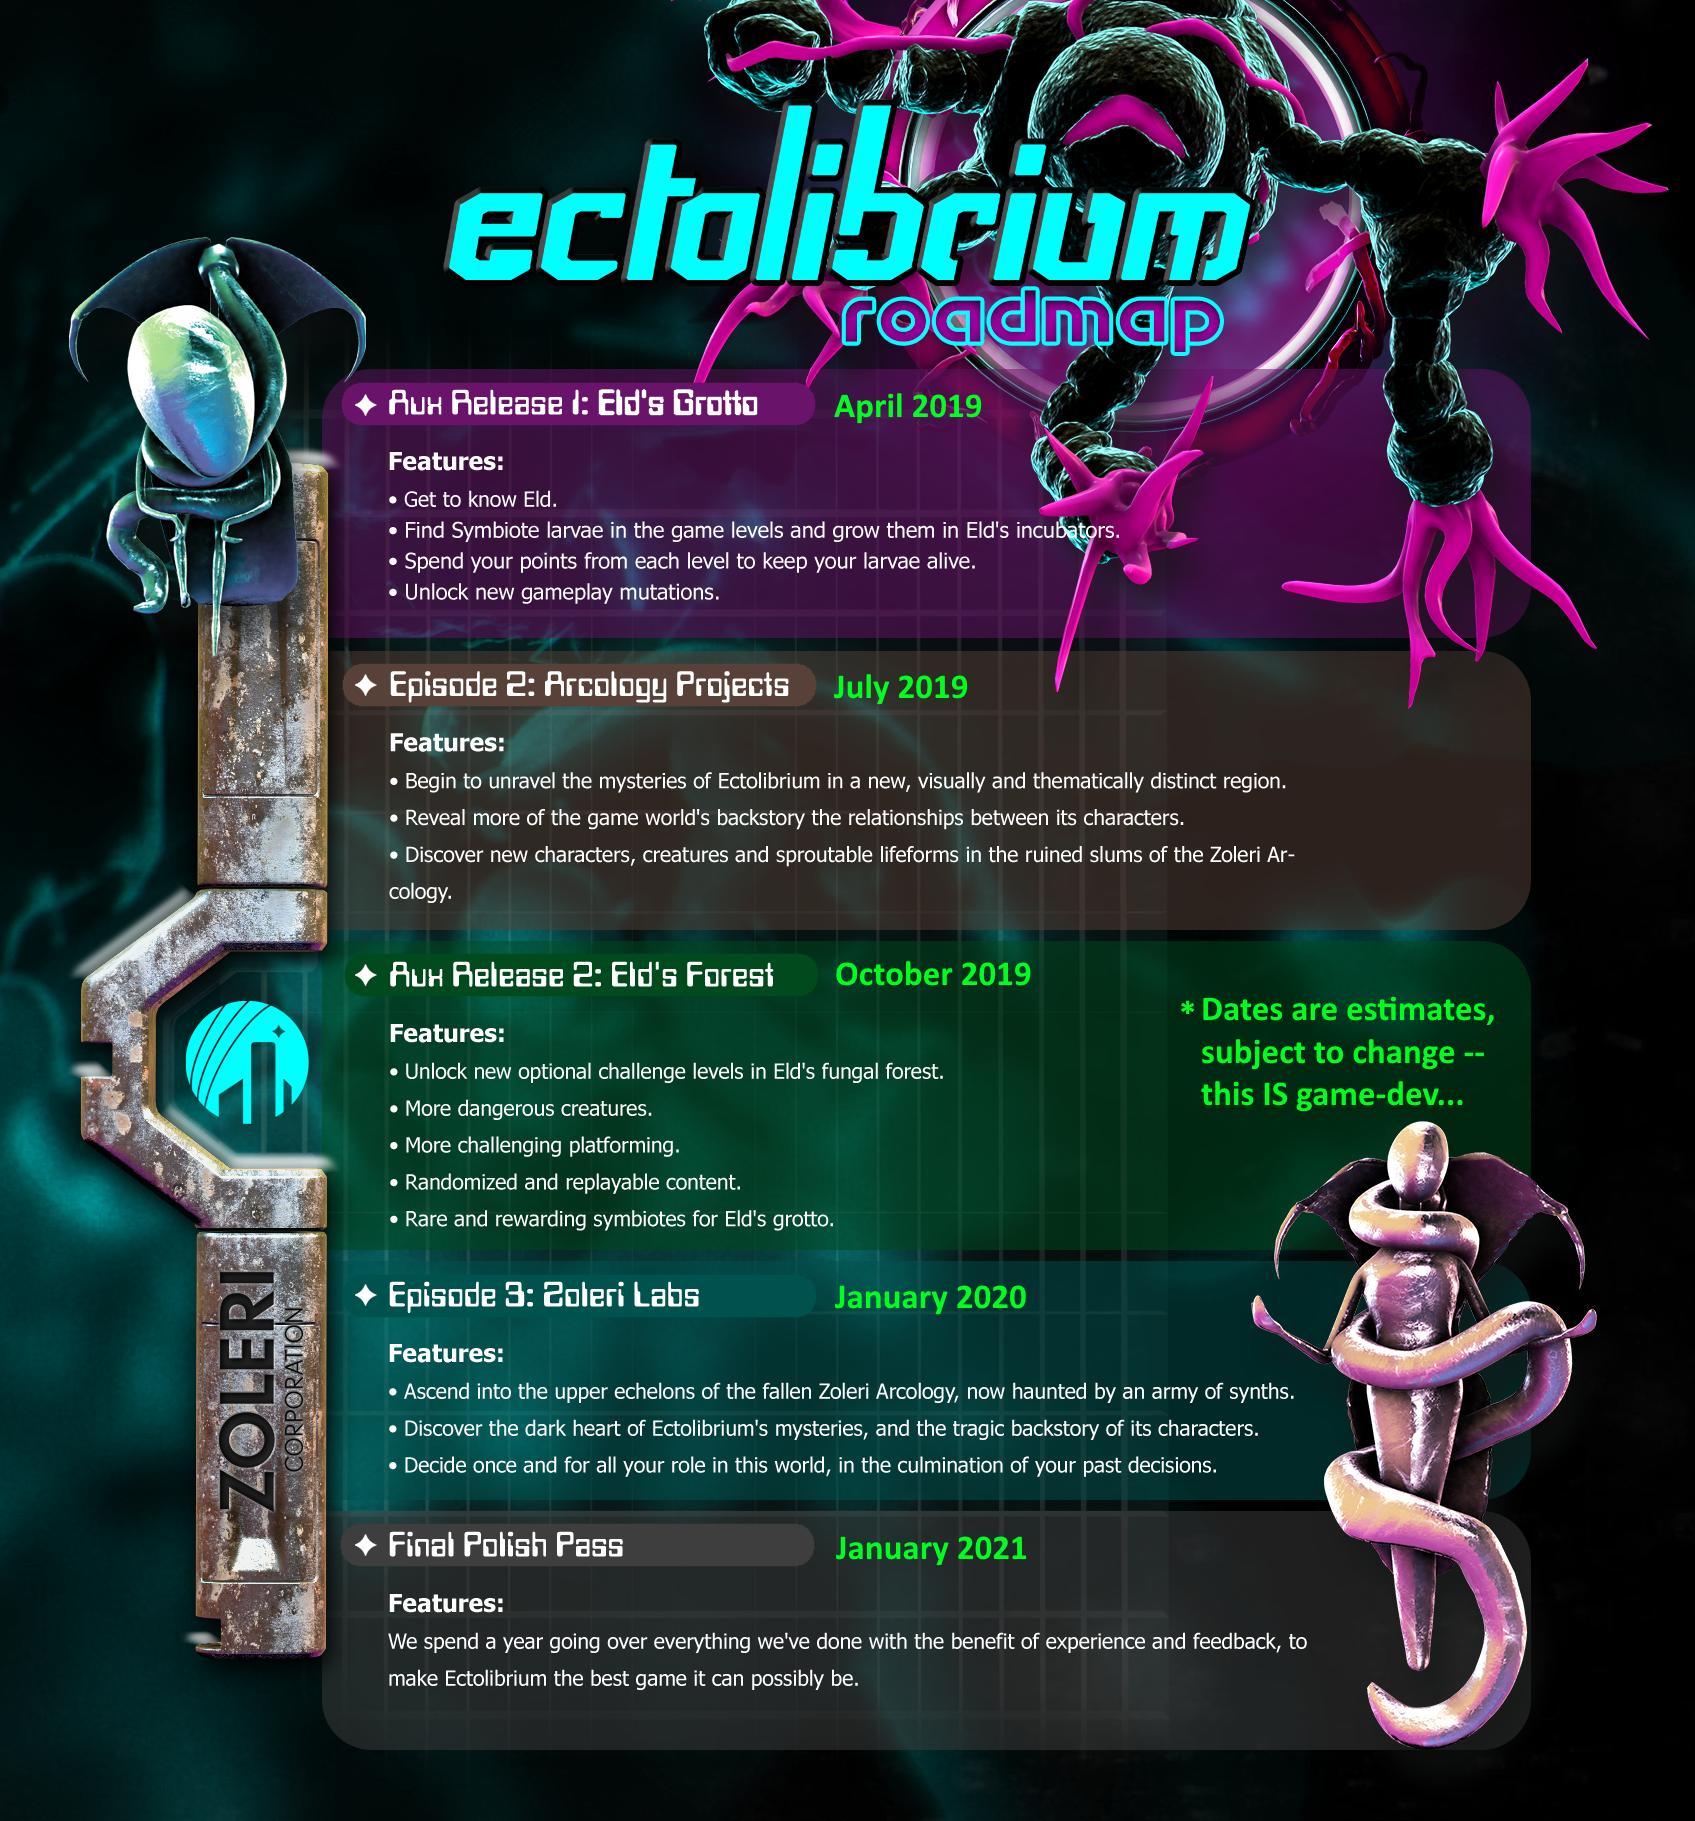 ectolibrium roadmap